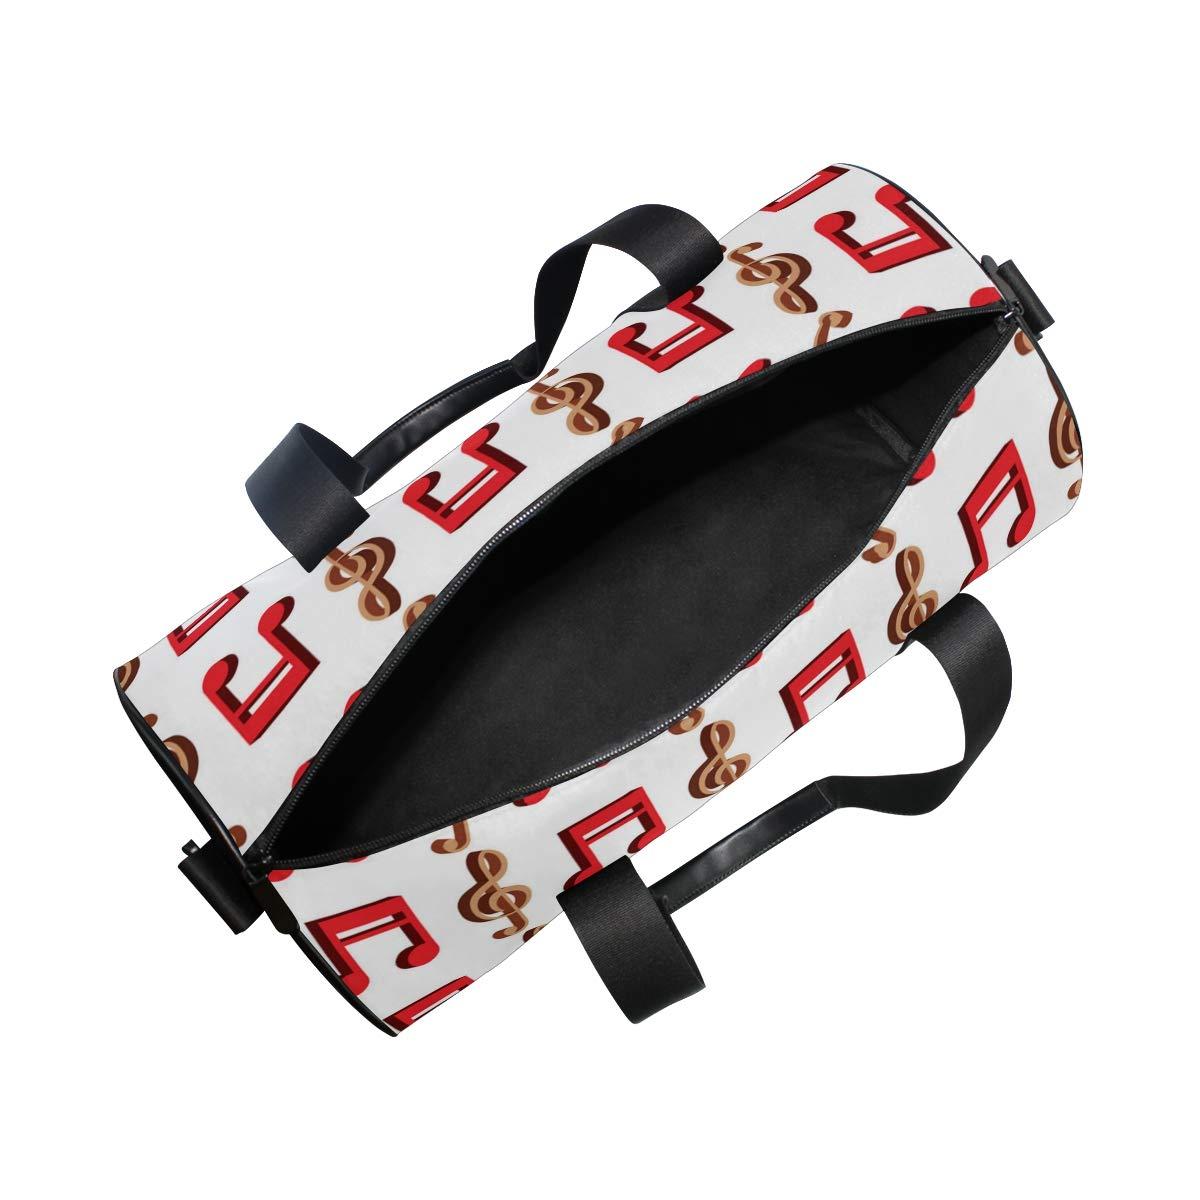 Metal Music ImageWaterproof Non-Slip Wearable Crossbody Bag fitness bag Shoulder Bag